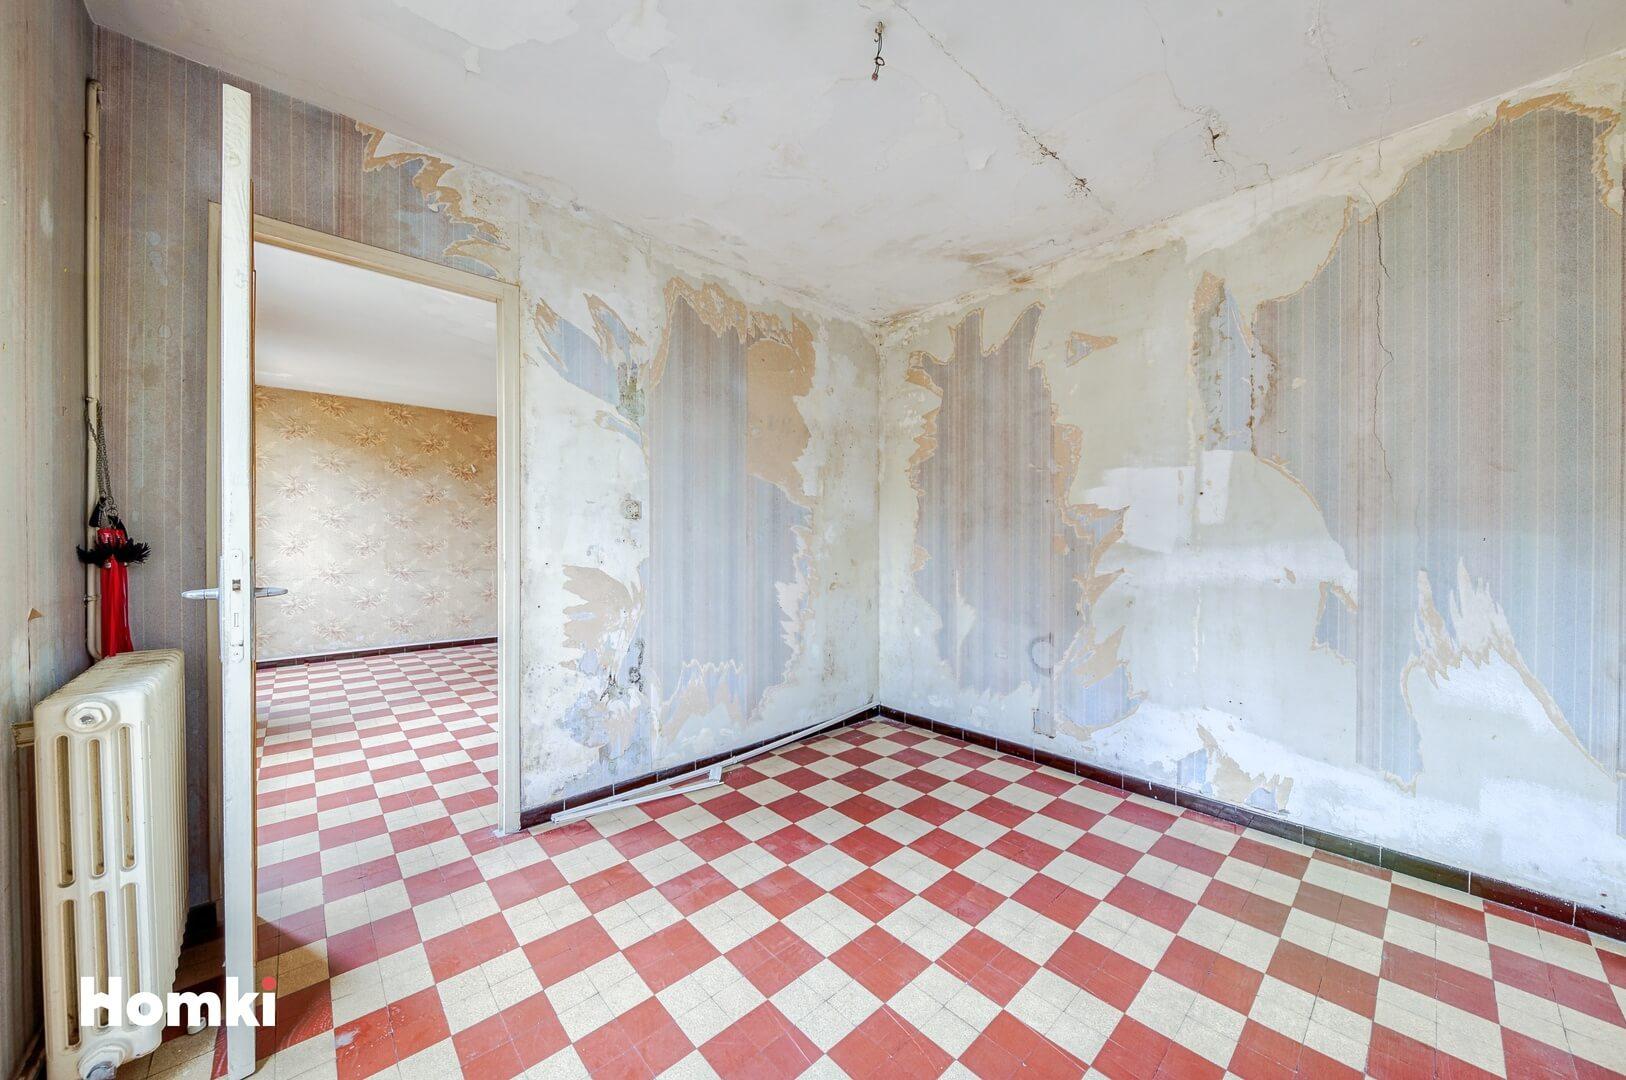 Homki - Vente Appartement  de 46.0 m² à Marseille 13009